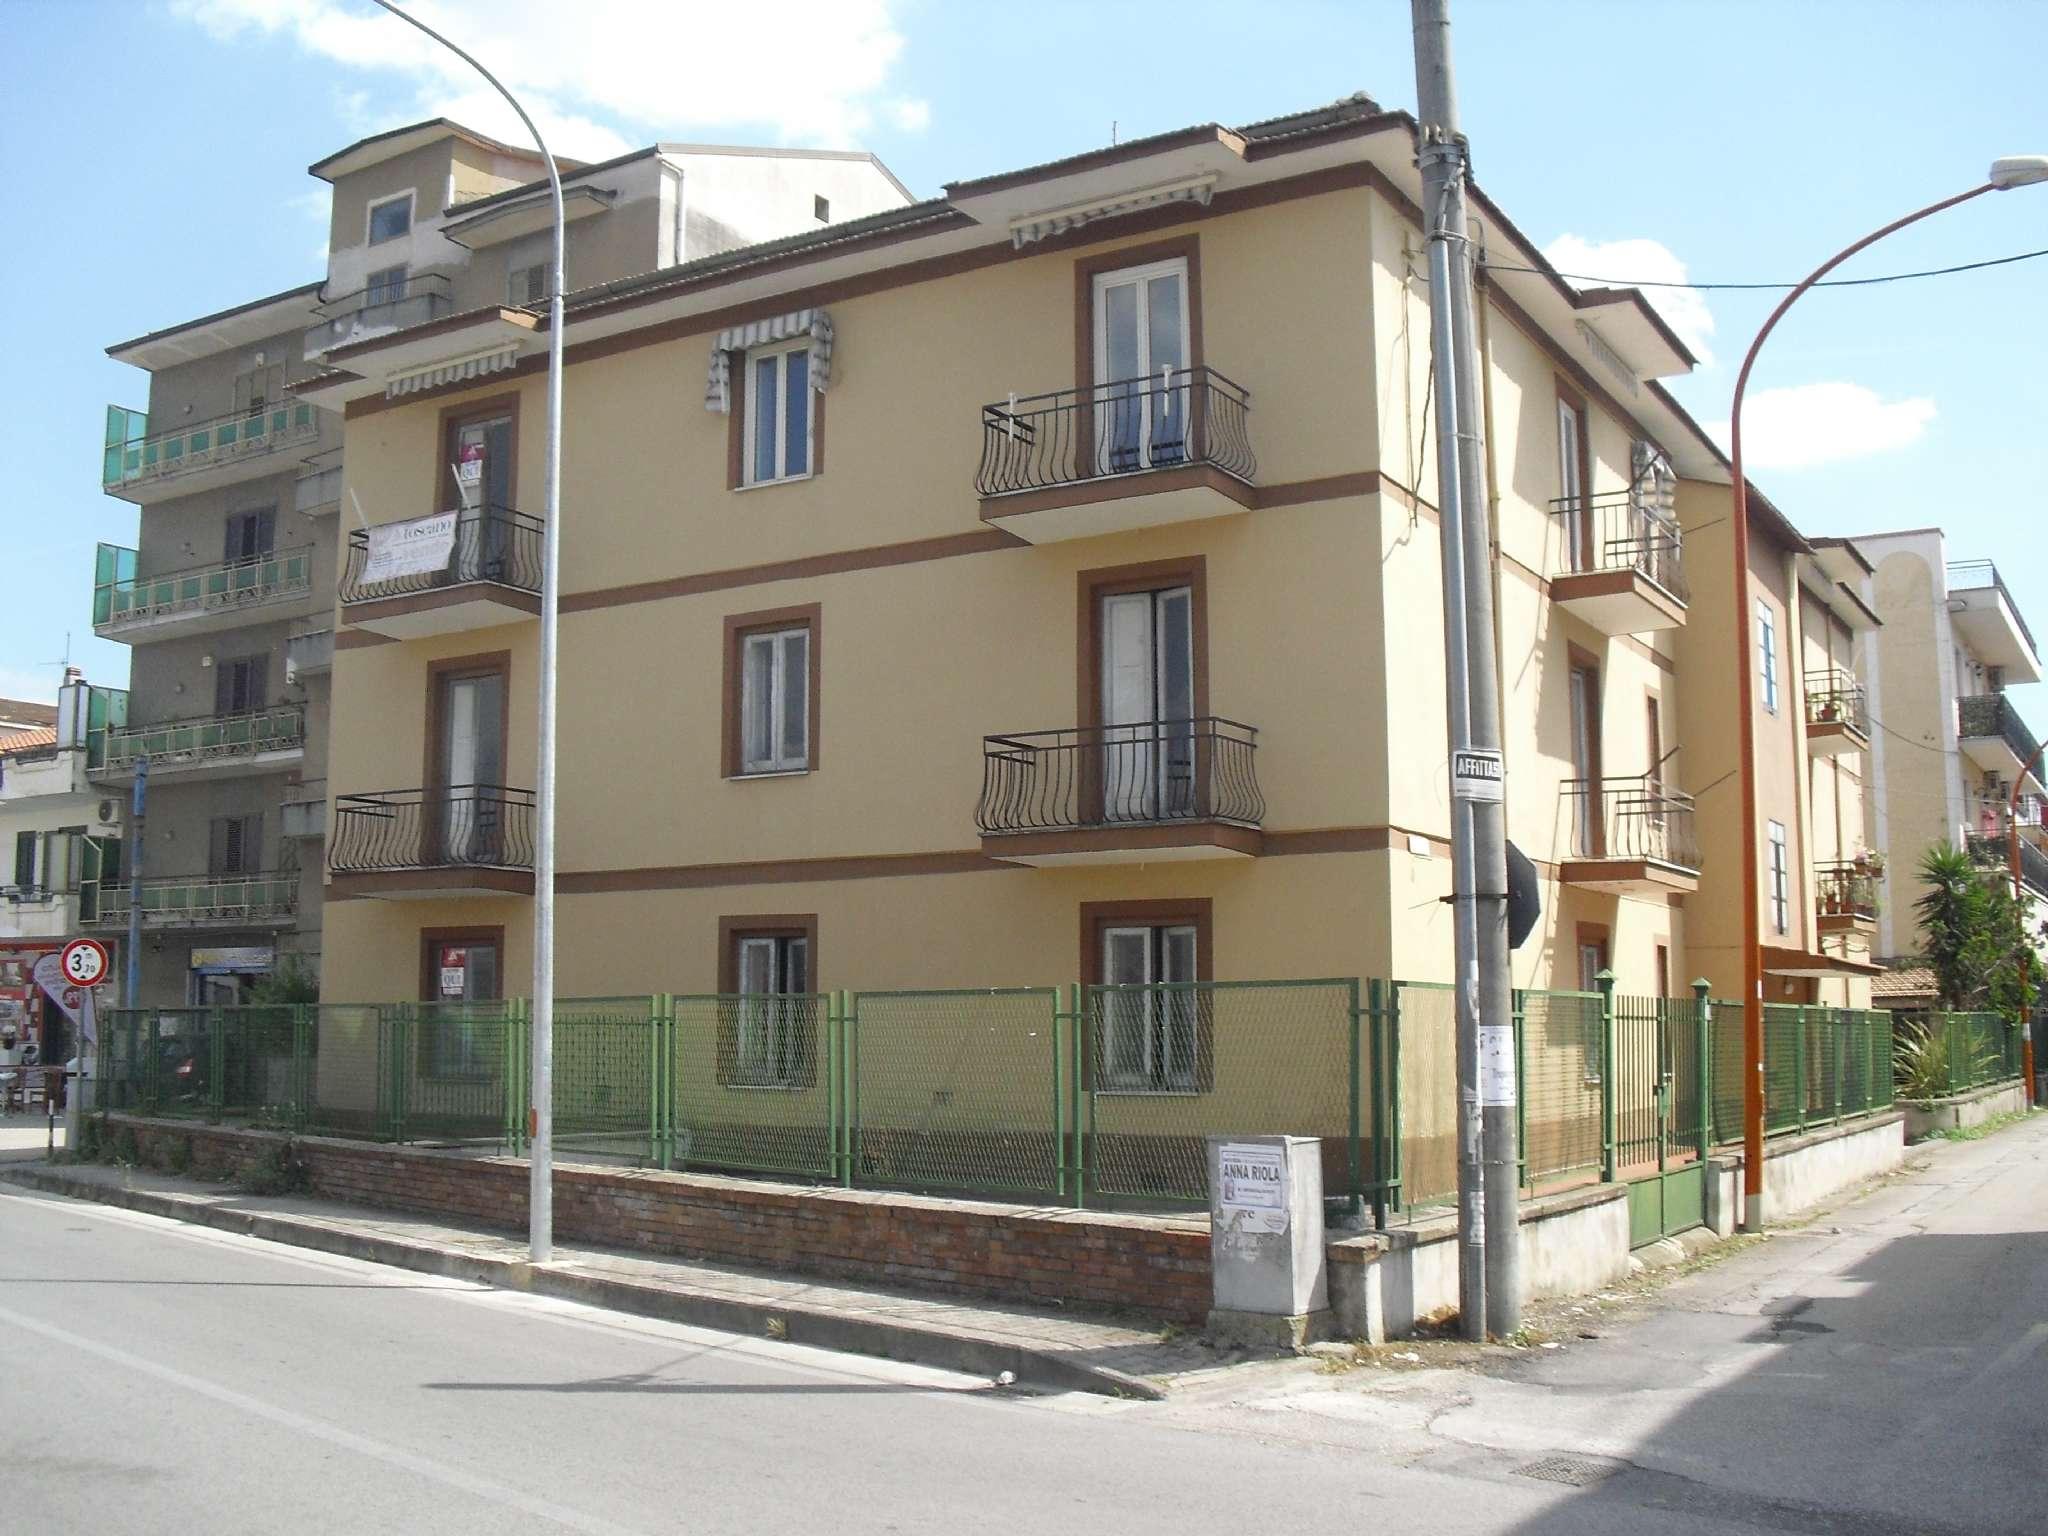 Appartamento in vendita a Casapulla, 3 locali, prezzo € 69.000 | CambioCasa.it